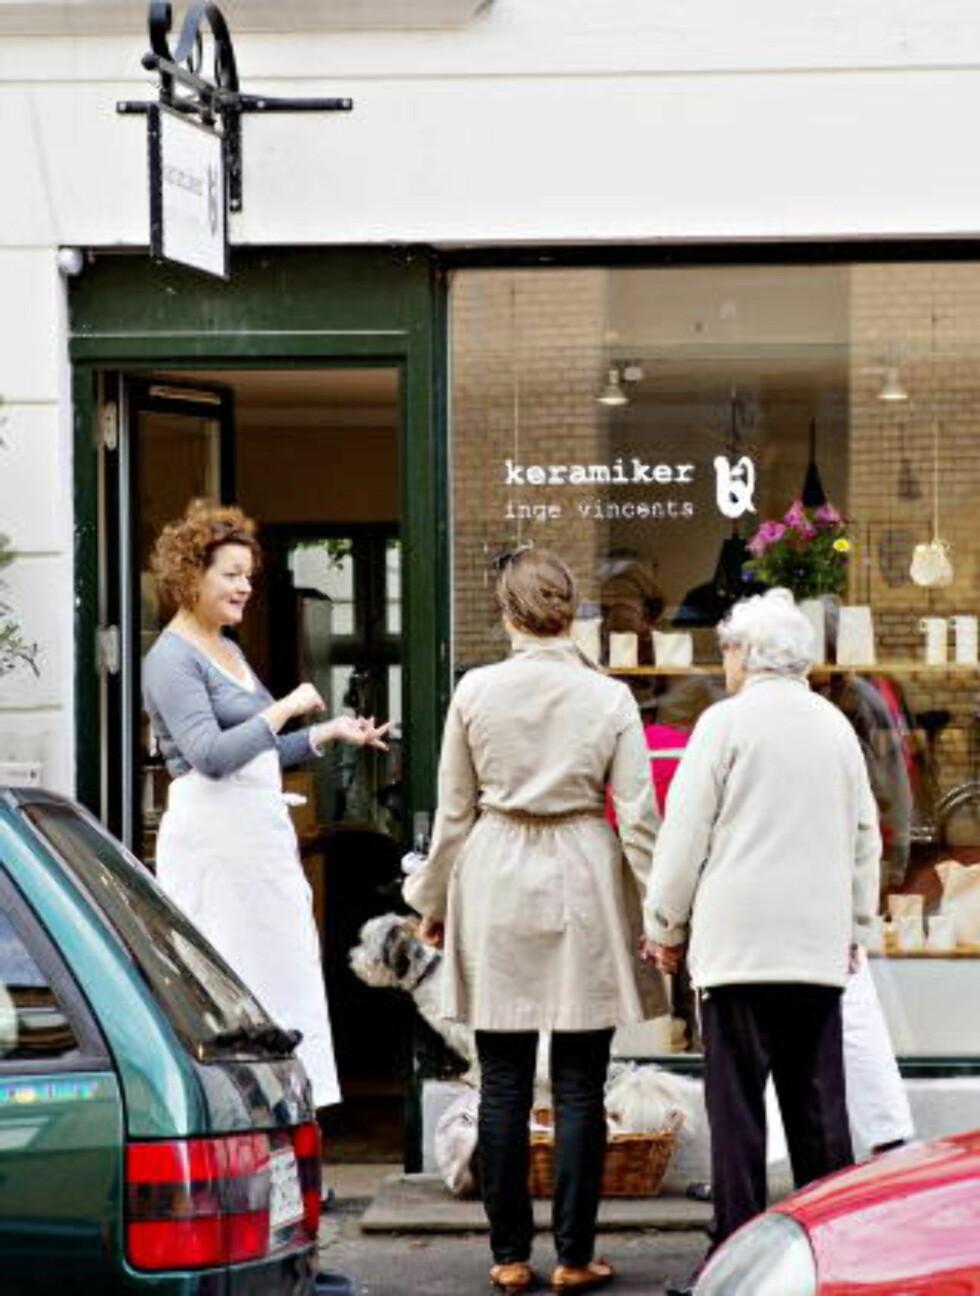 NYTT LIV: Keramiker Inge Vincents elsker livet i gata og slår gjerne av en prat. Folk kommer langveisfra for å kjøpe hennes nesten transparente keramikk. Foto: NINA HANSEN